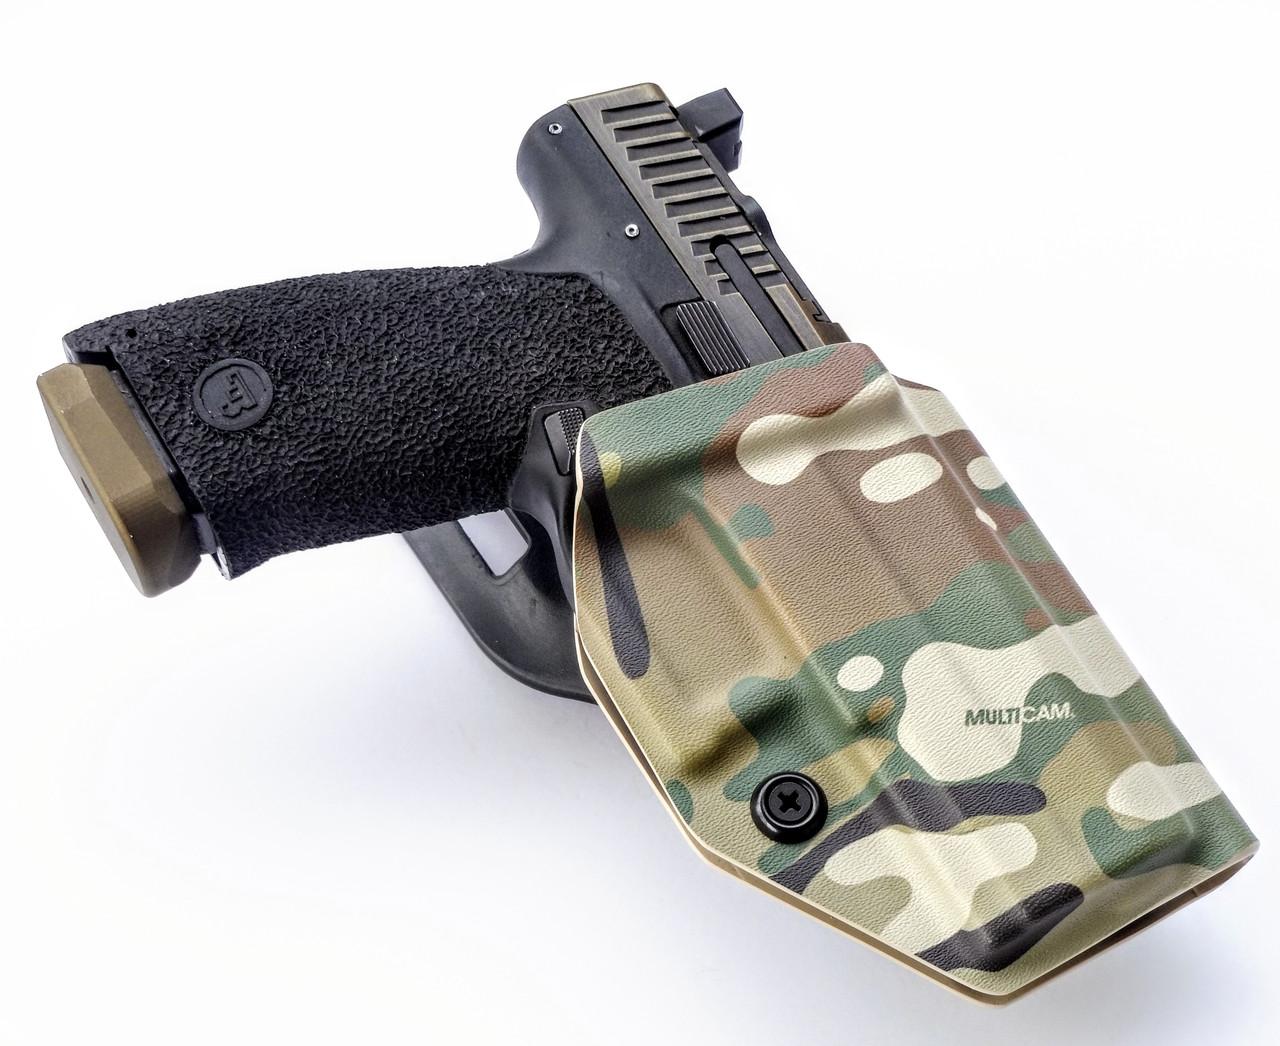 CZ P10c SAFARILAND UBL DROP HOLSTER